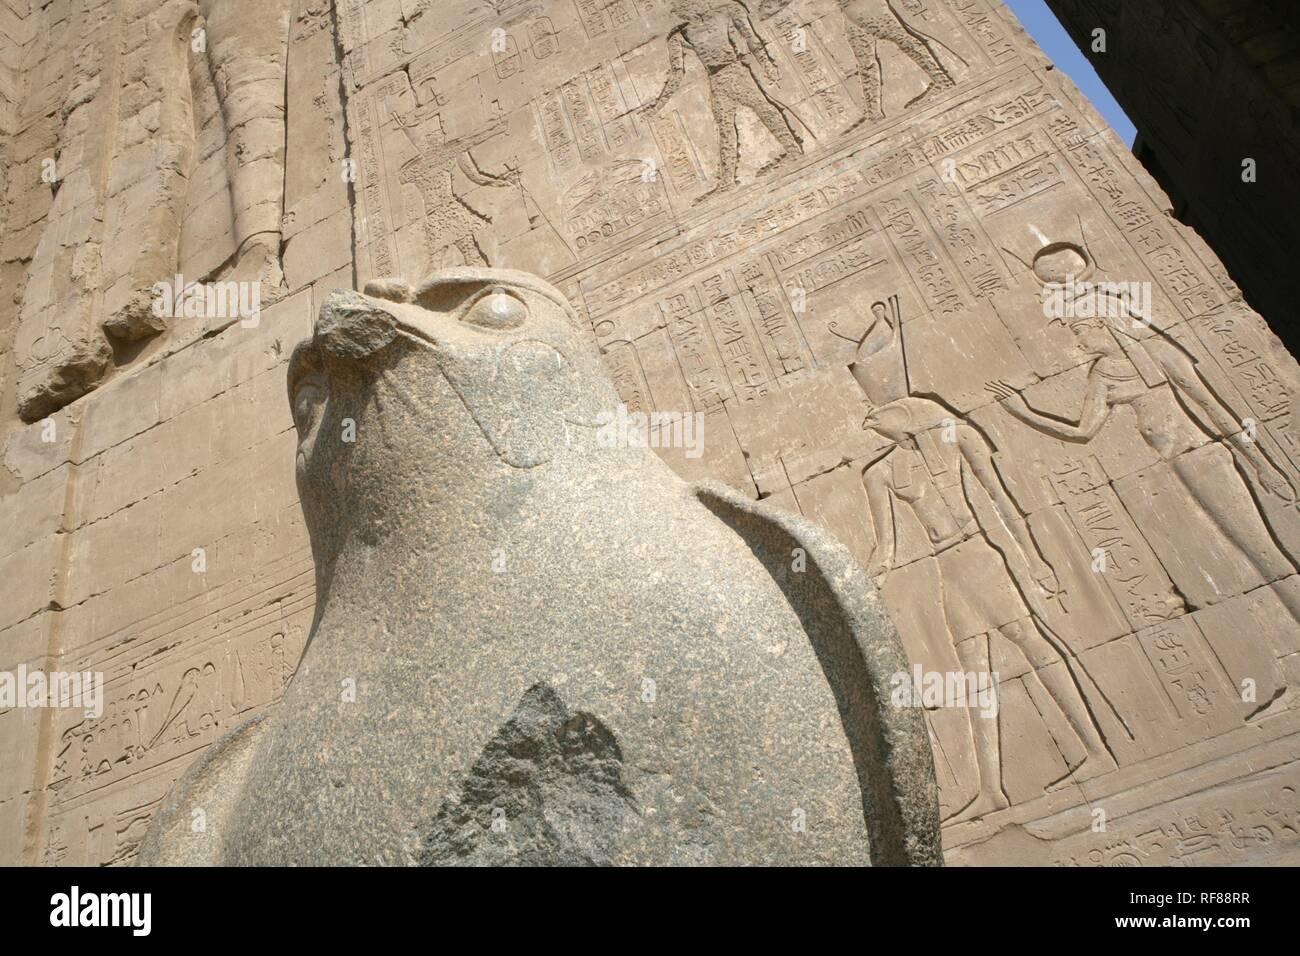 Horus (falcon god) statue at the Temple of Edfu, Edfu, Egypt, Africa Stock Photo